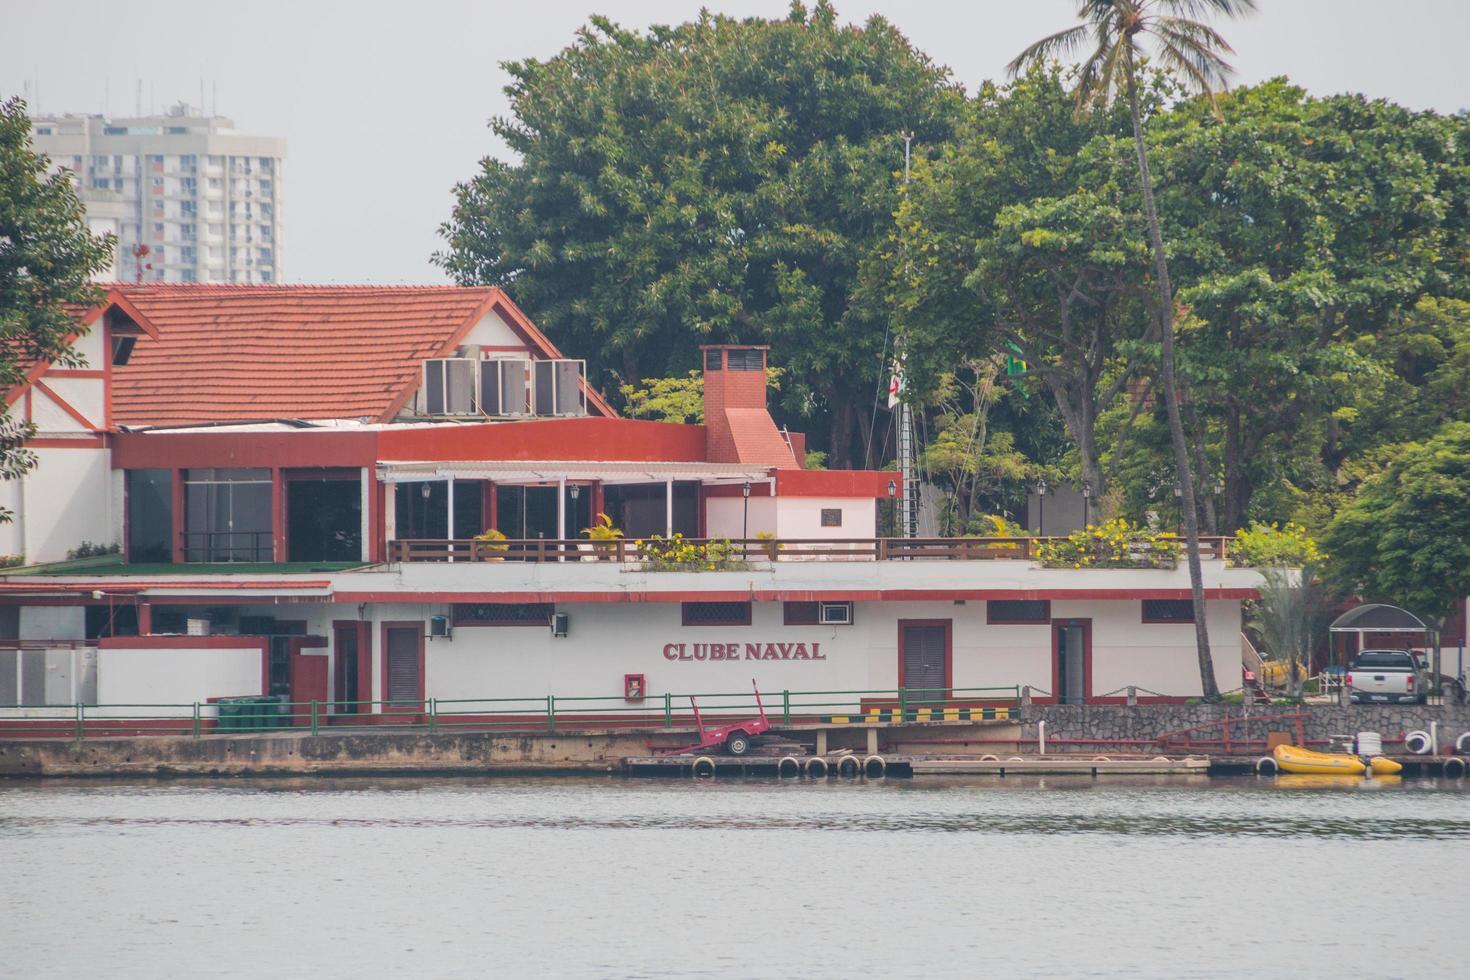 club navale a lagoa rodrigo de freitas a rio de janeiro, brasile foto